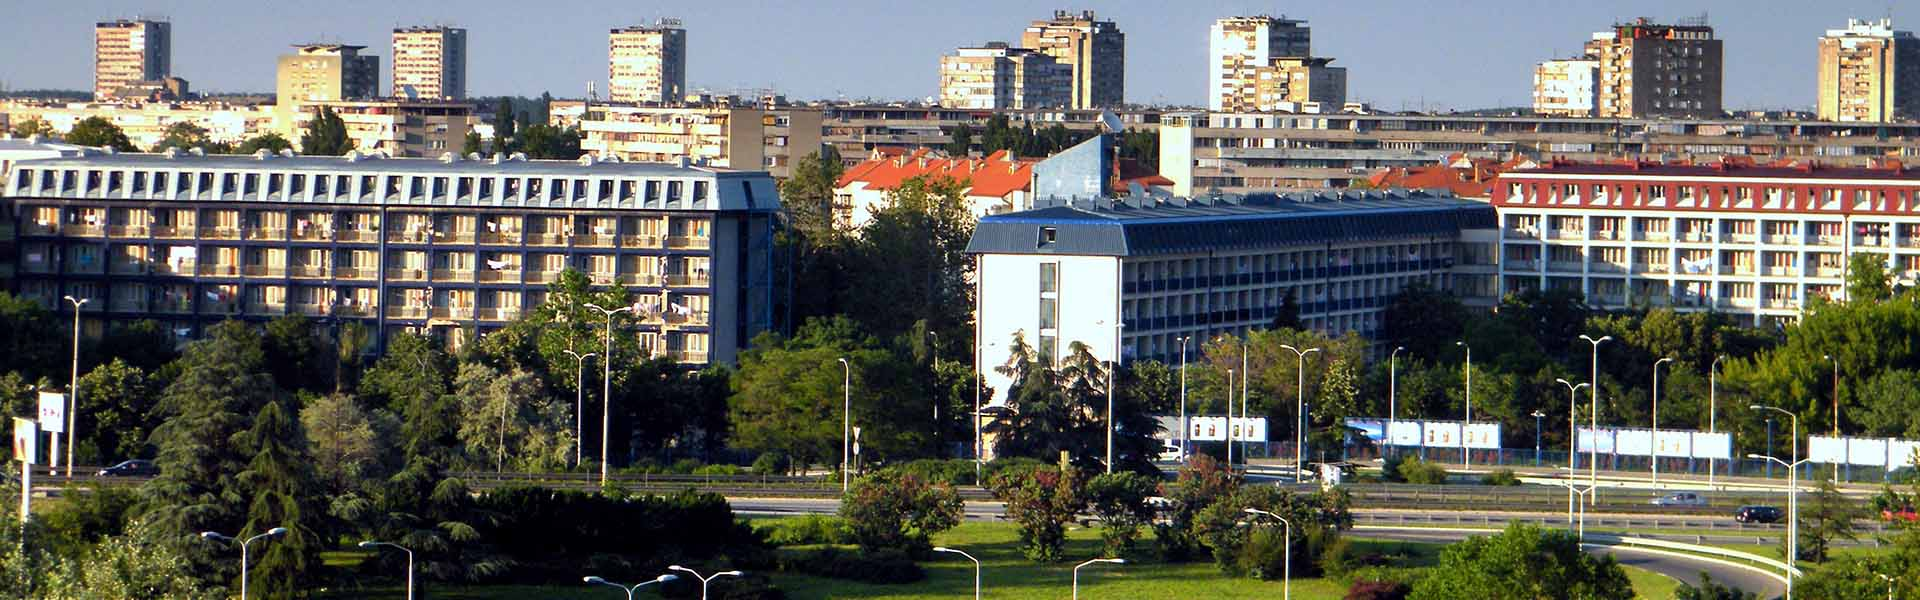 Dostava hrane Studentski grad (blok 34)| Beograd